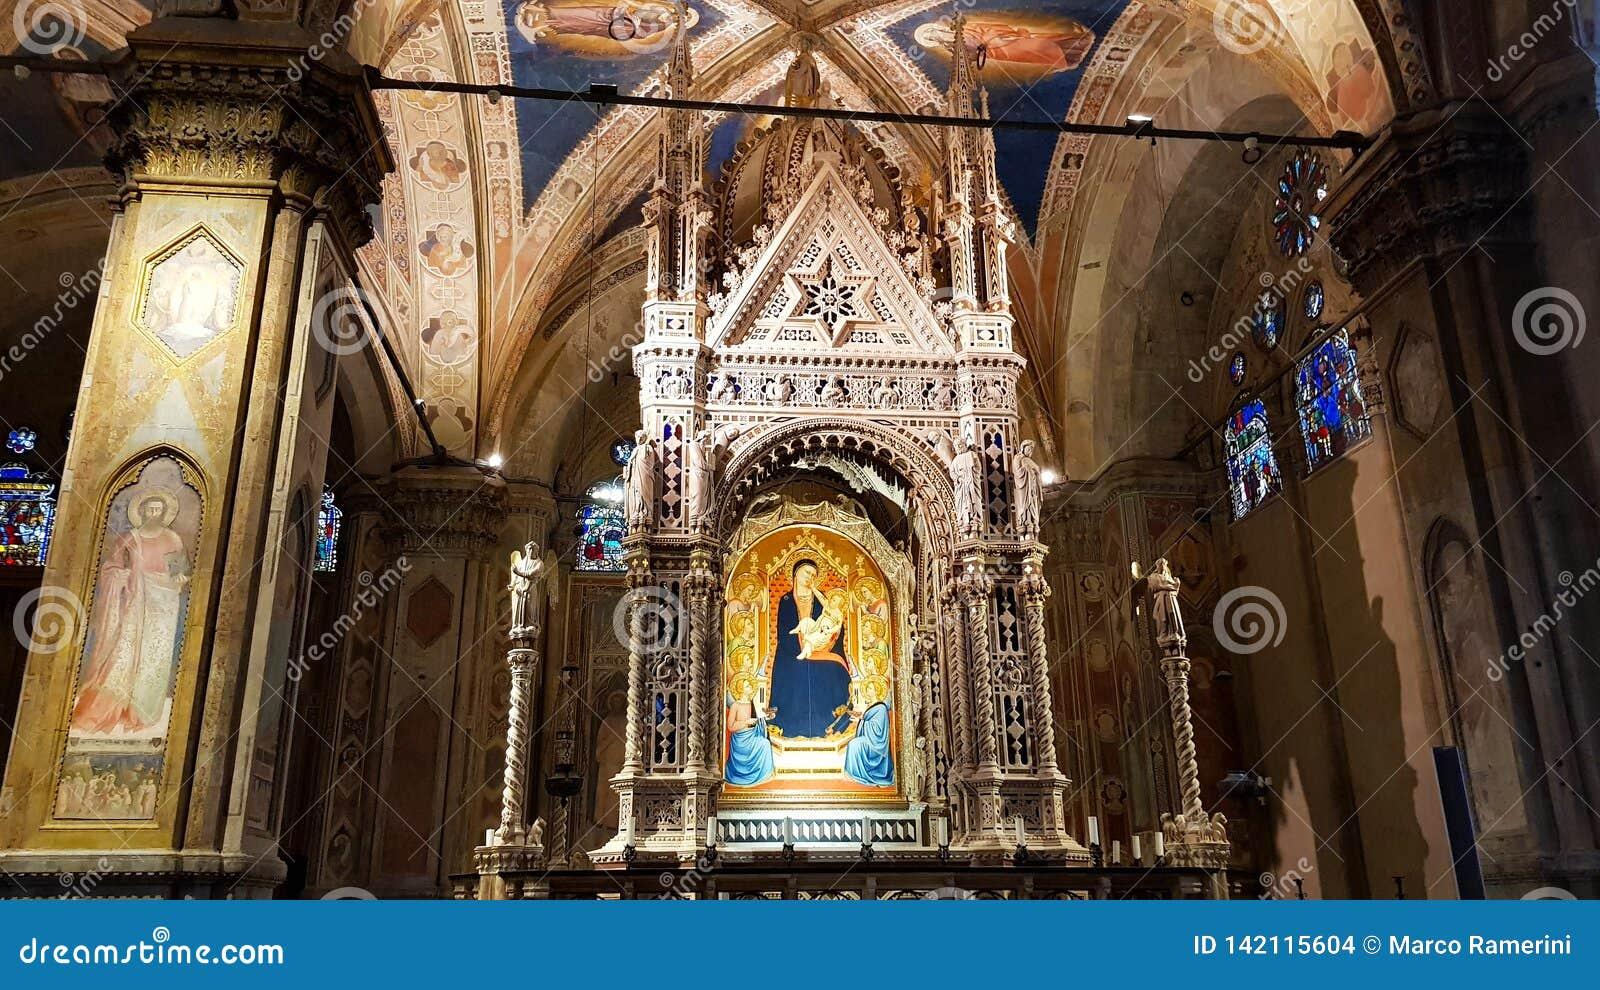 Binnenland van de Kerk van Orsanmichele, met met juwelen getooide Gotische Taberna van Andrea Orcagna